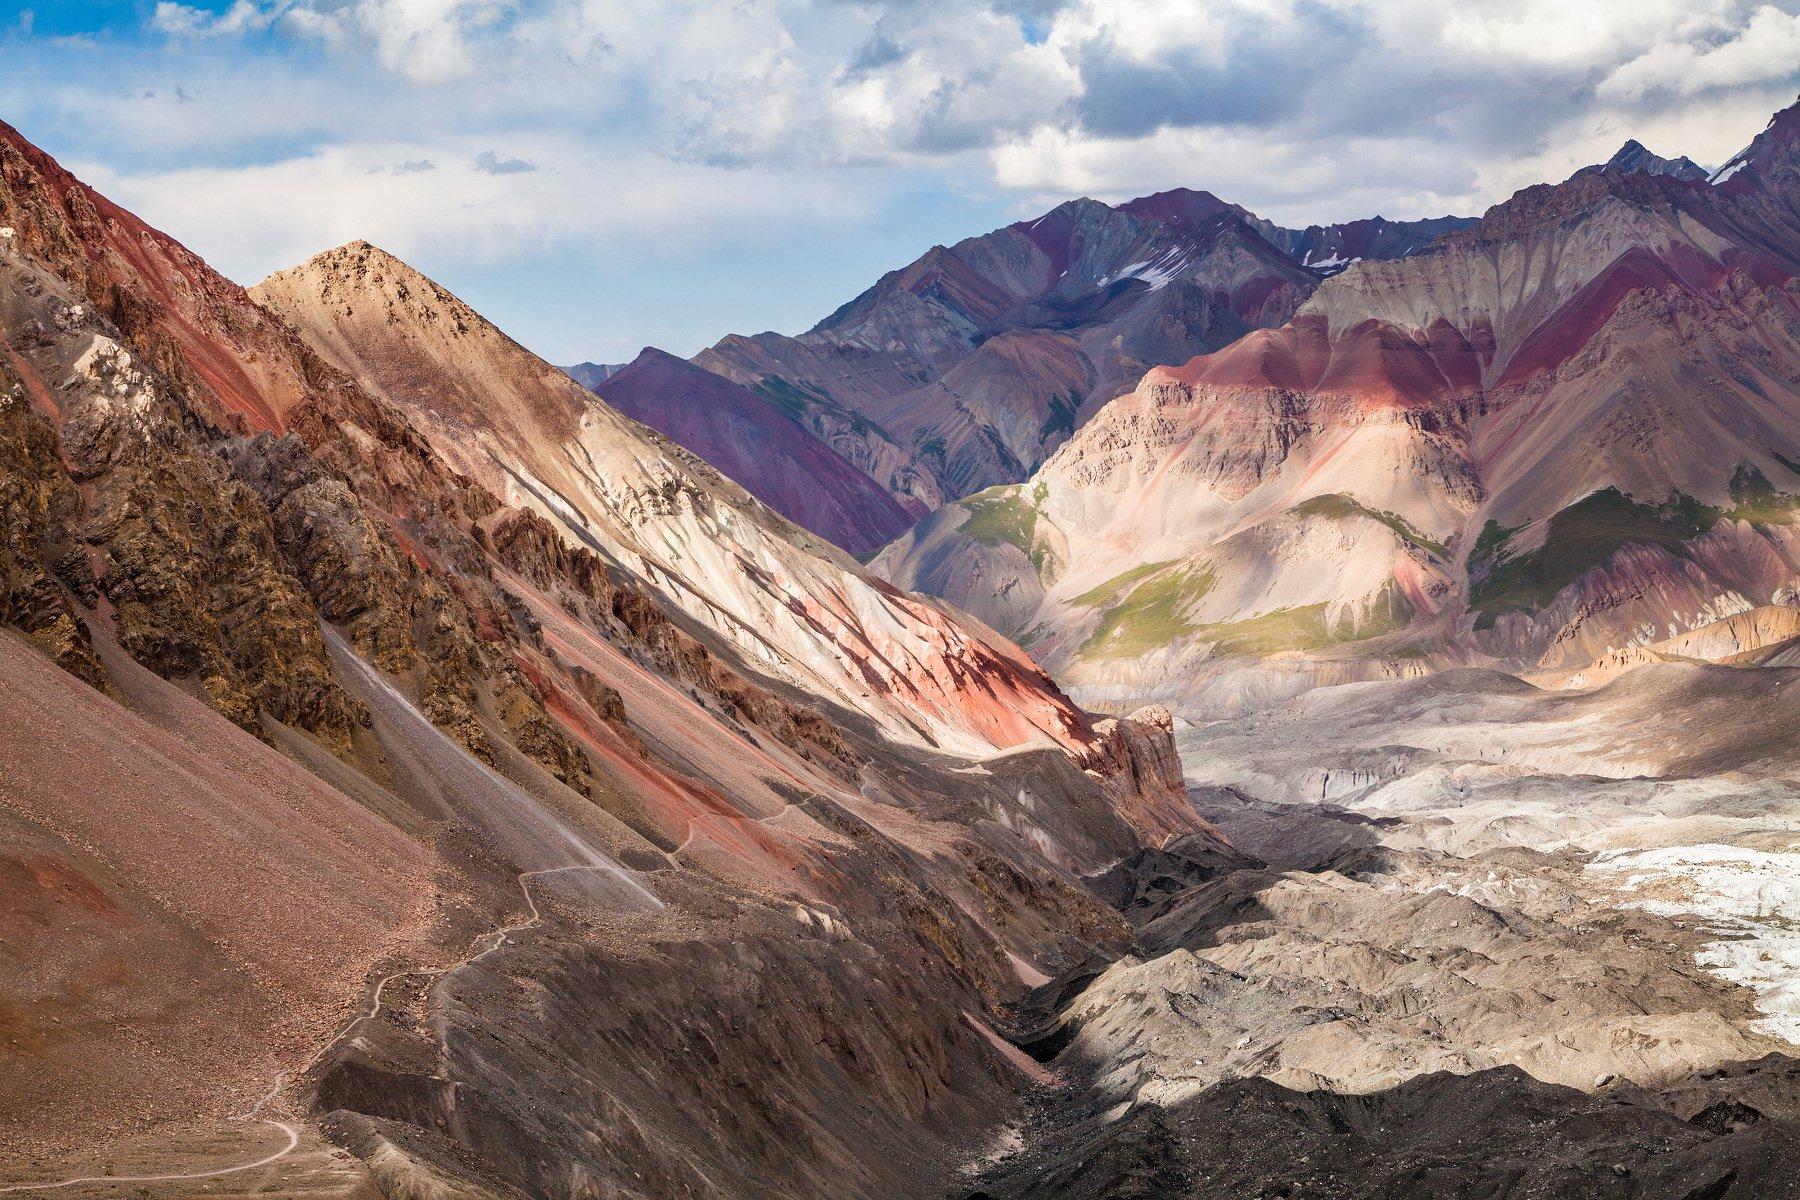 Памир, горы, цвет, небо, Киргизия, Кыргызстан, пик Ленина, Иван Куликов